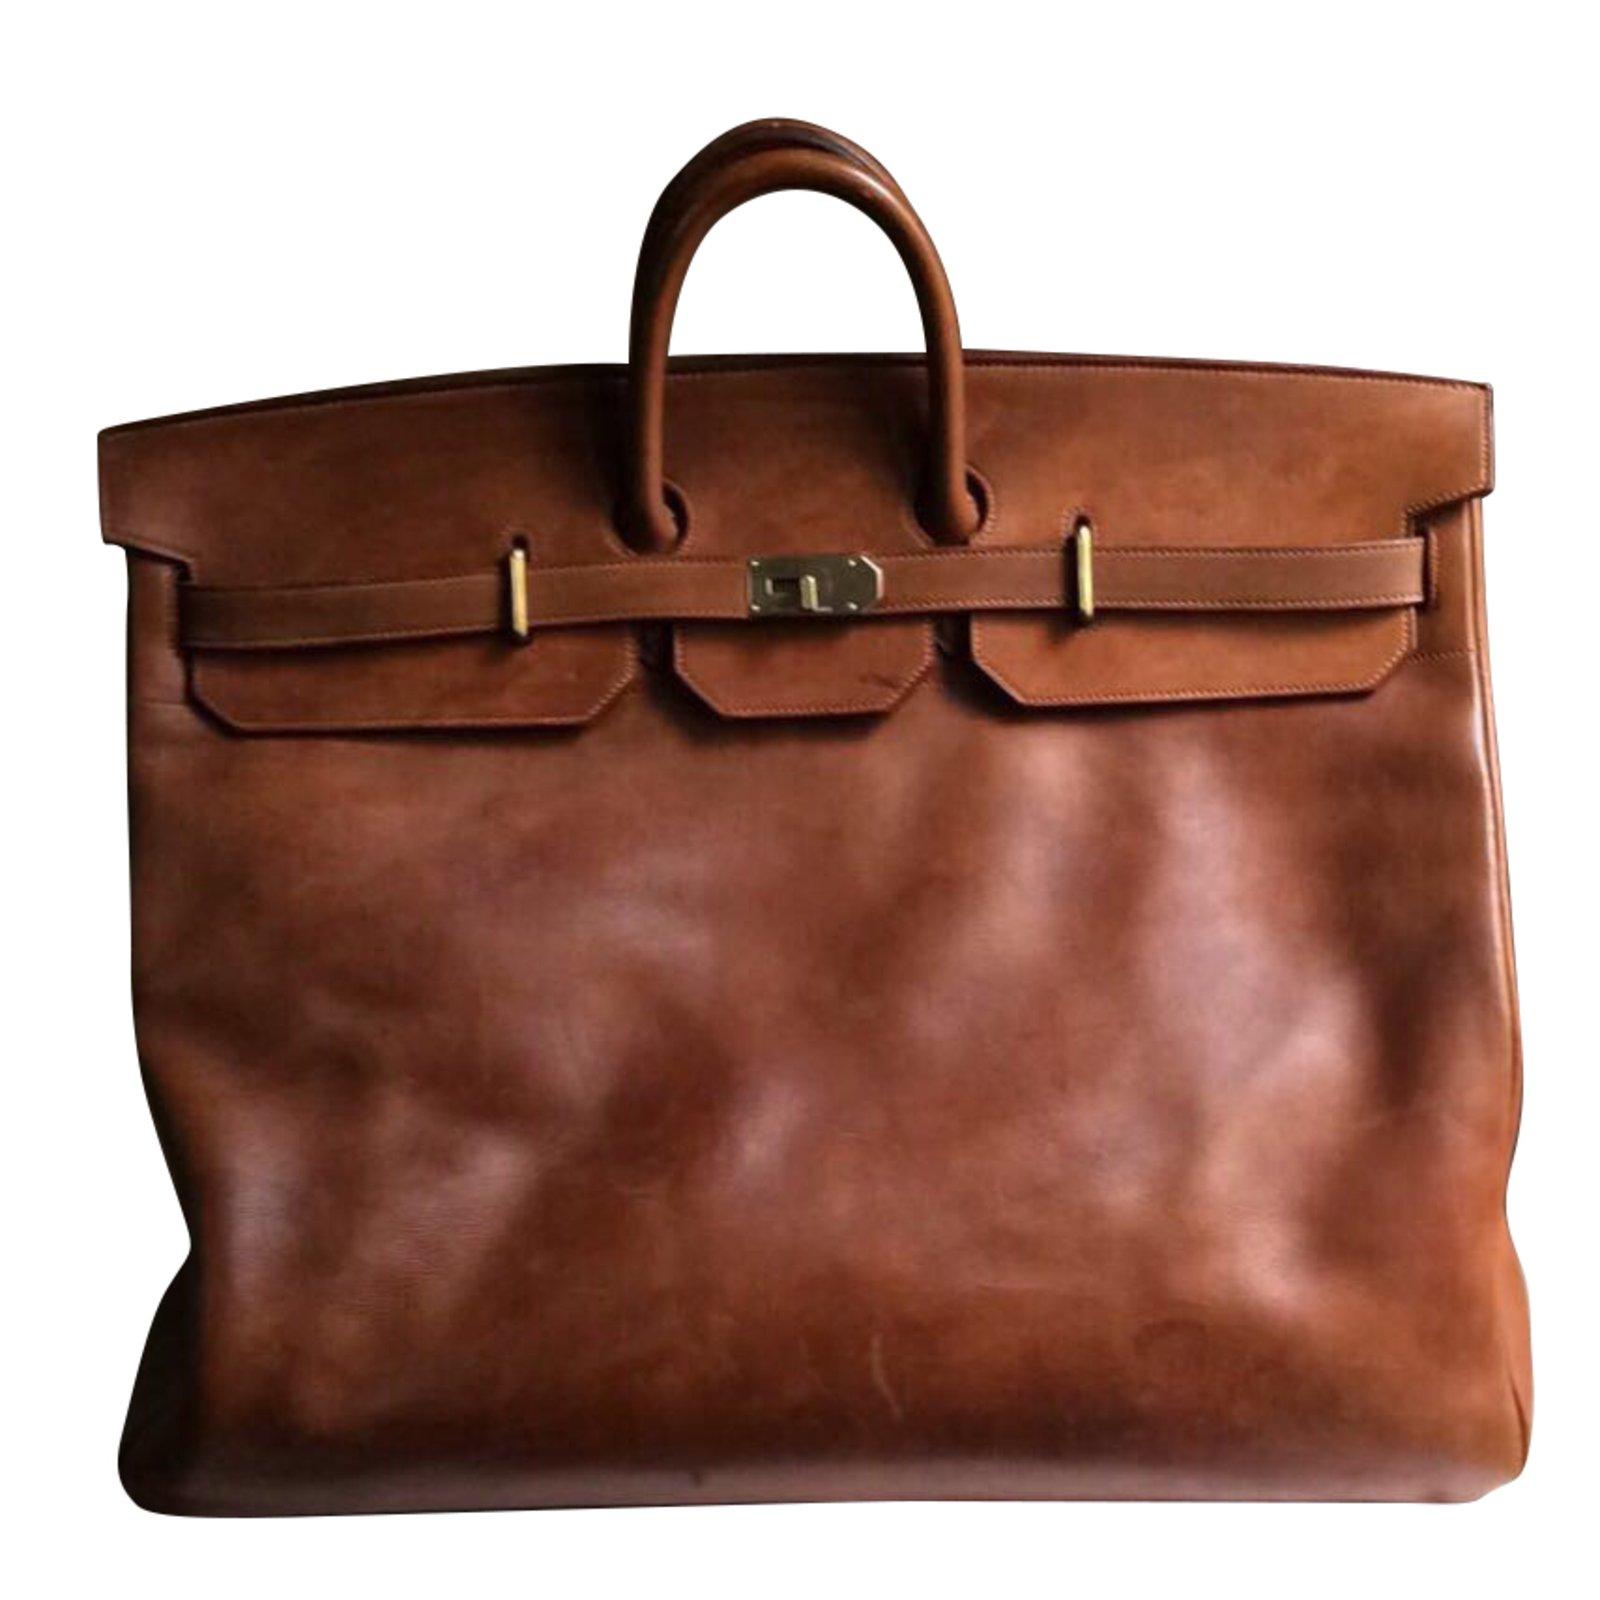 64ec82c039 Sacs de voyage Hermès Haut à courroies 60 vintage rare ! Cuir Marron  ref.43170